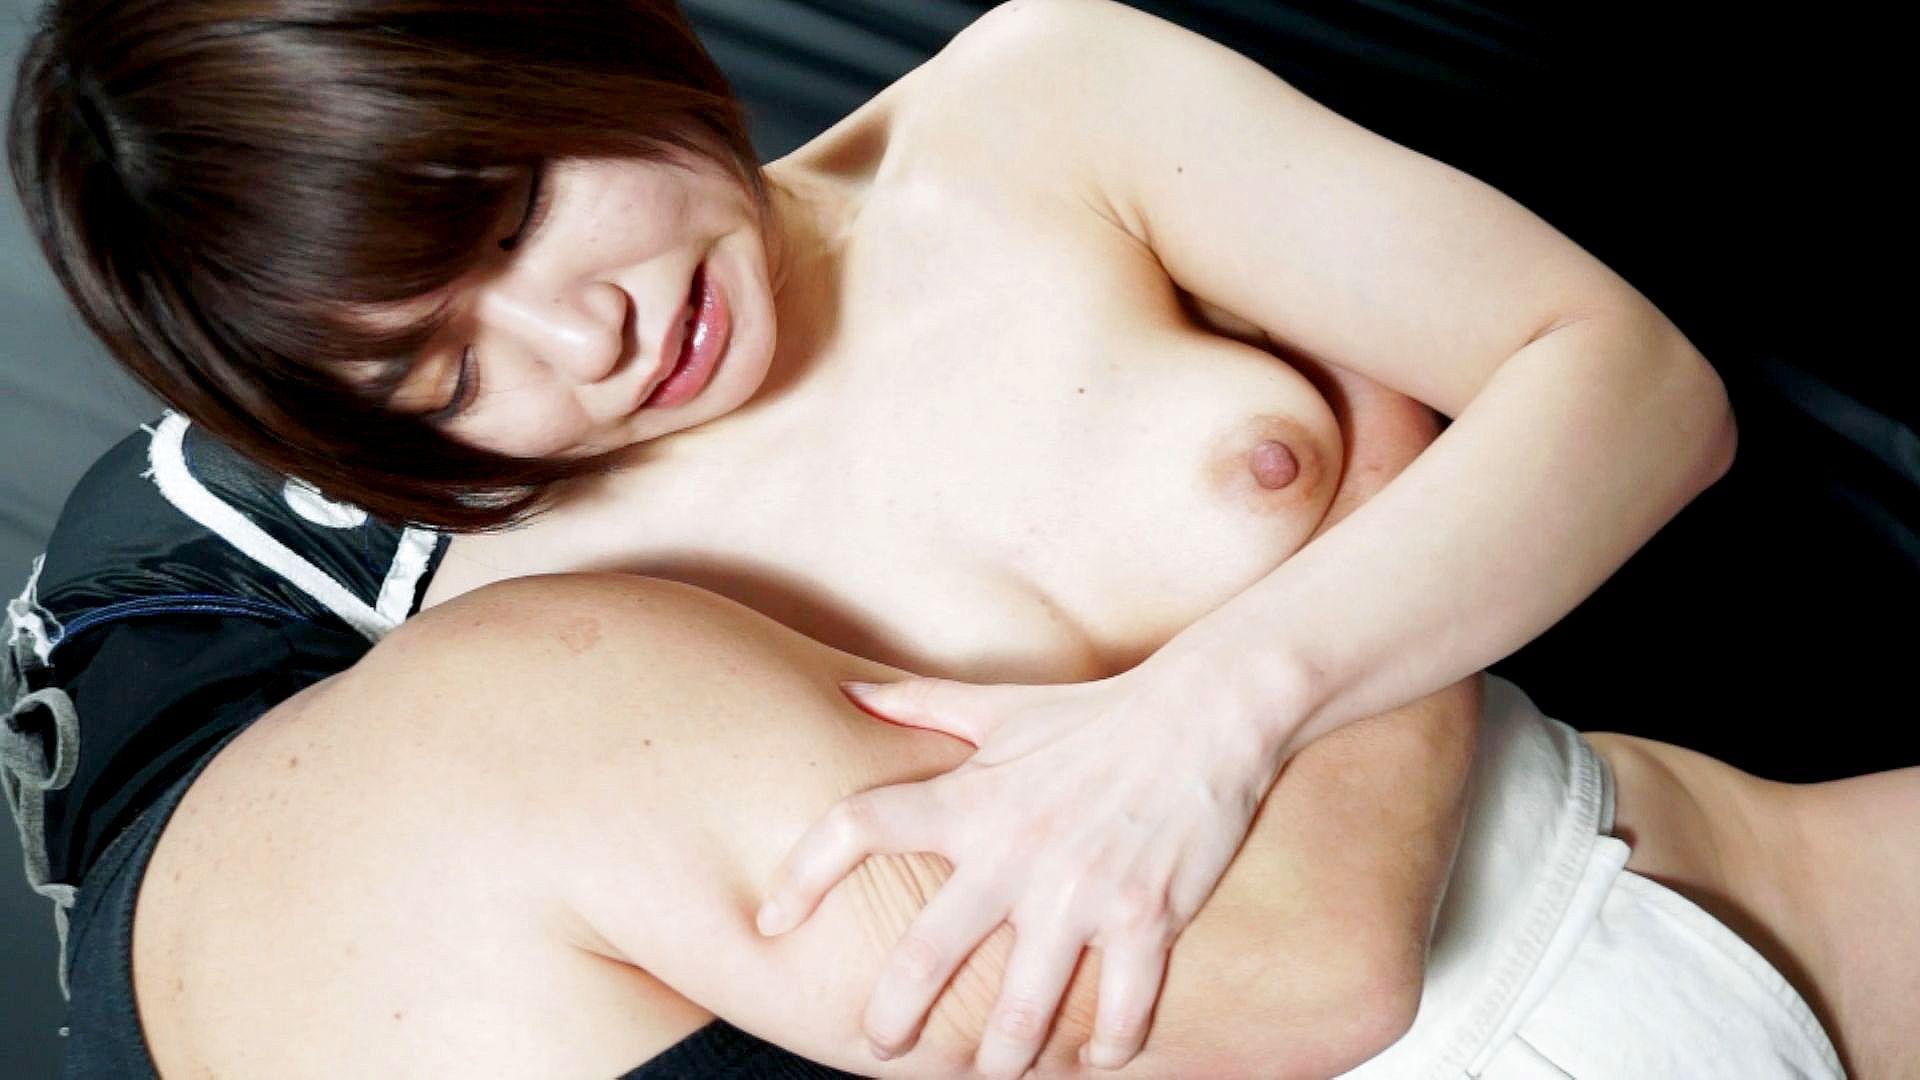 【HD】相撲女04【プレミアム会員限定】 サンプル画像03